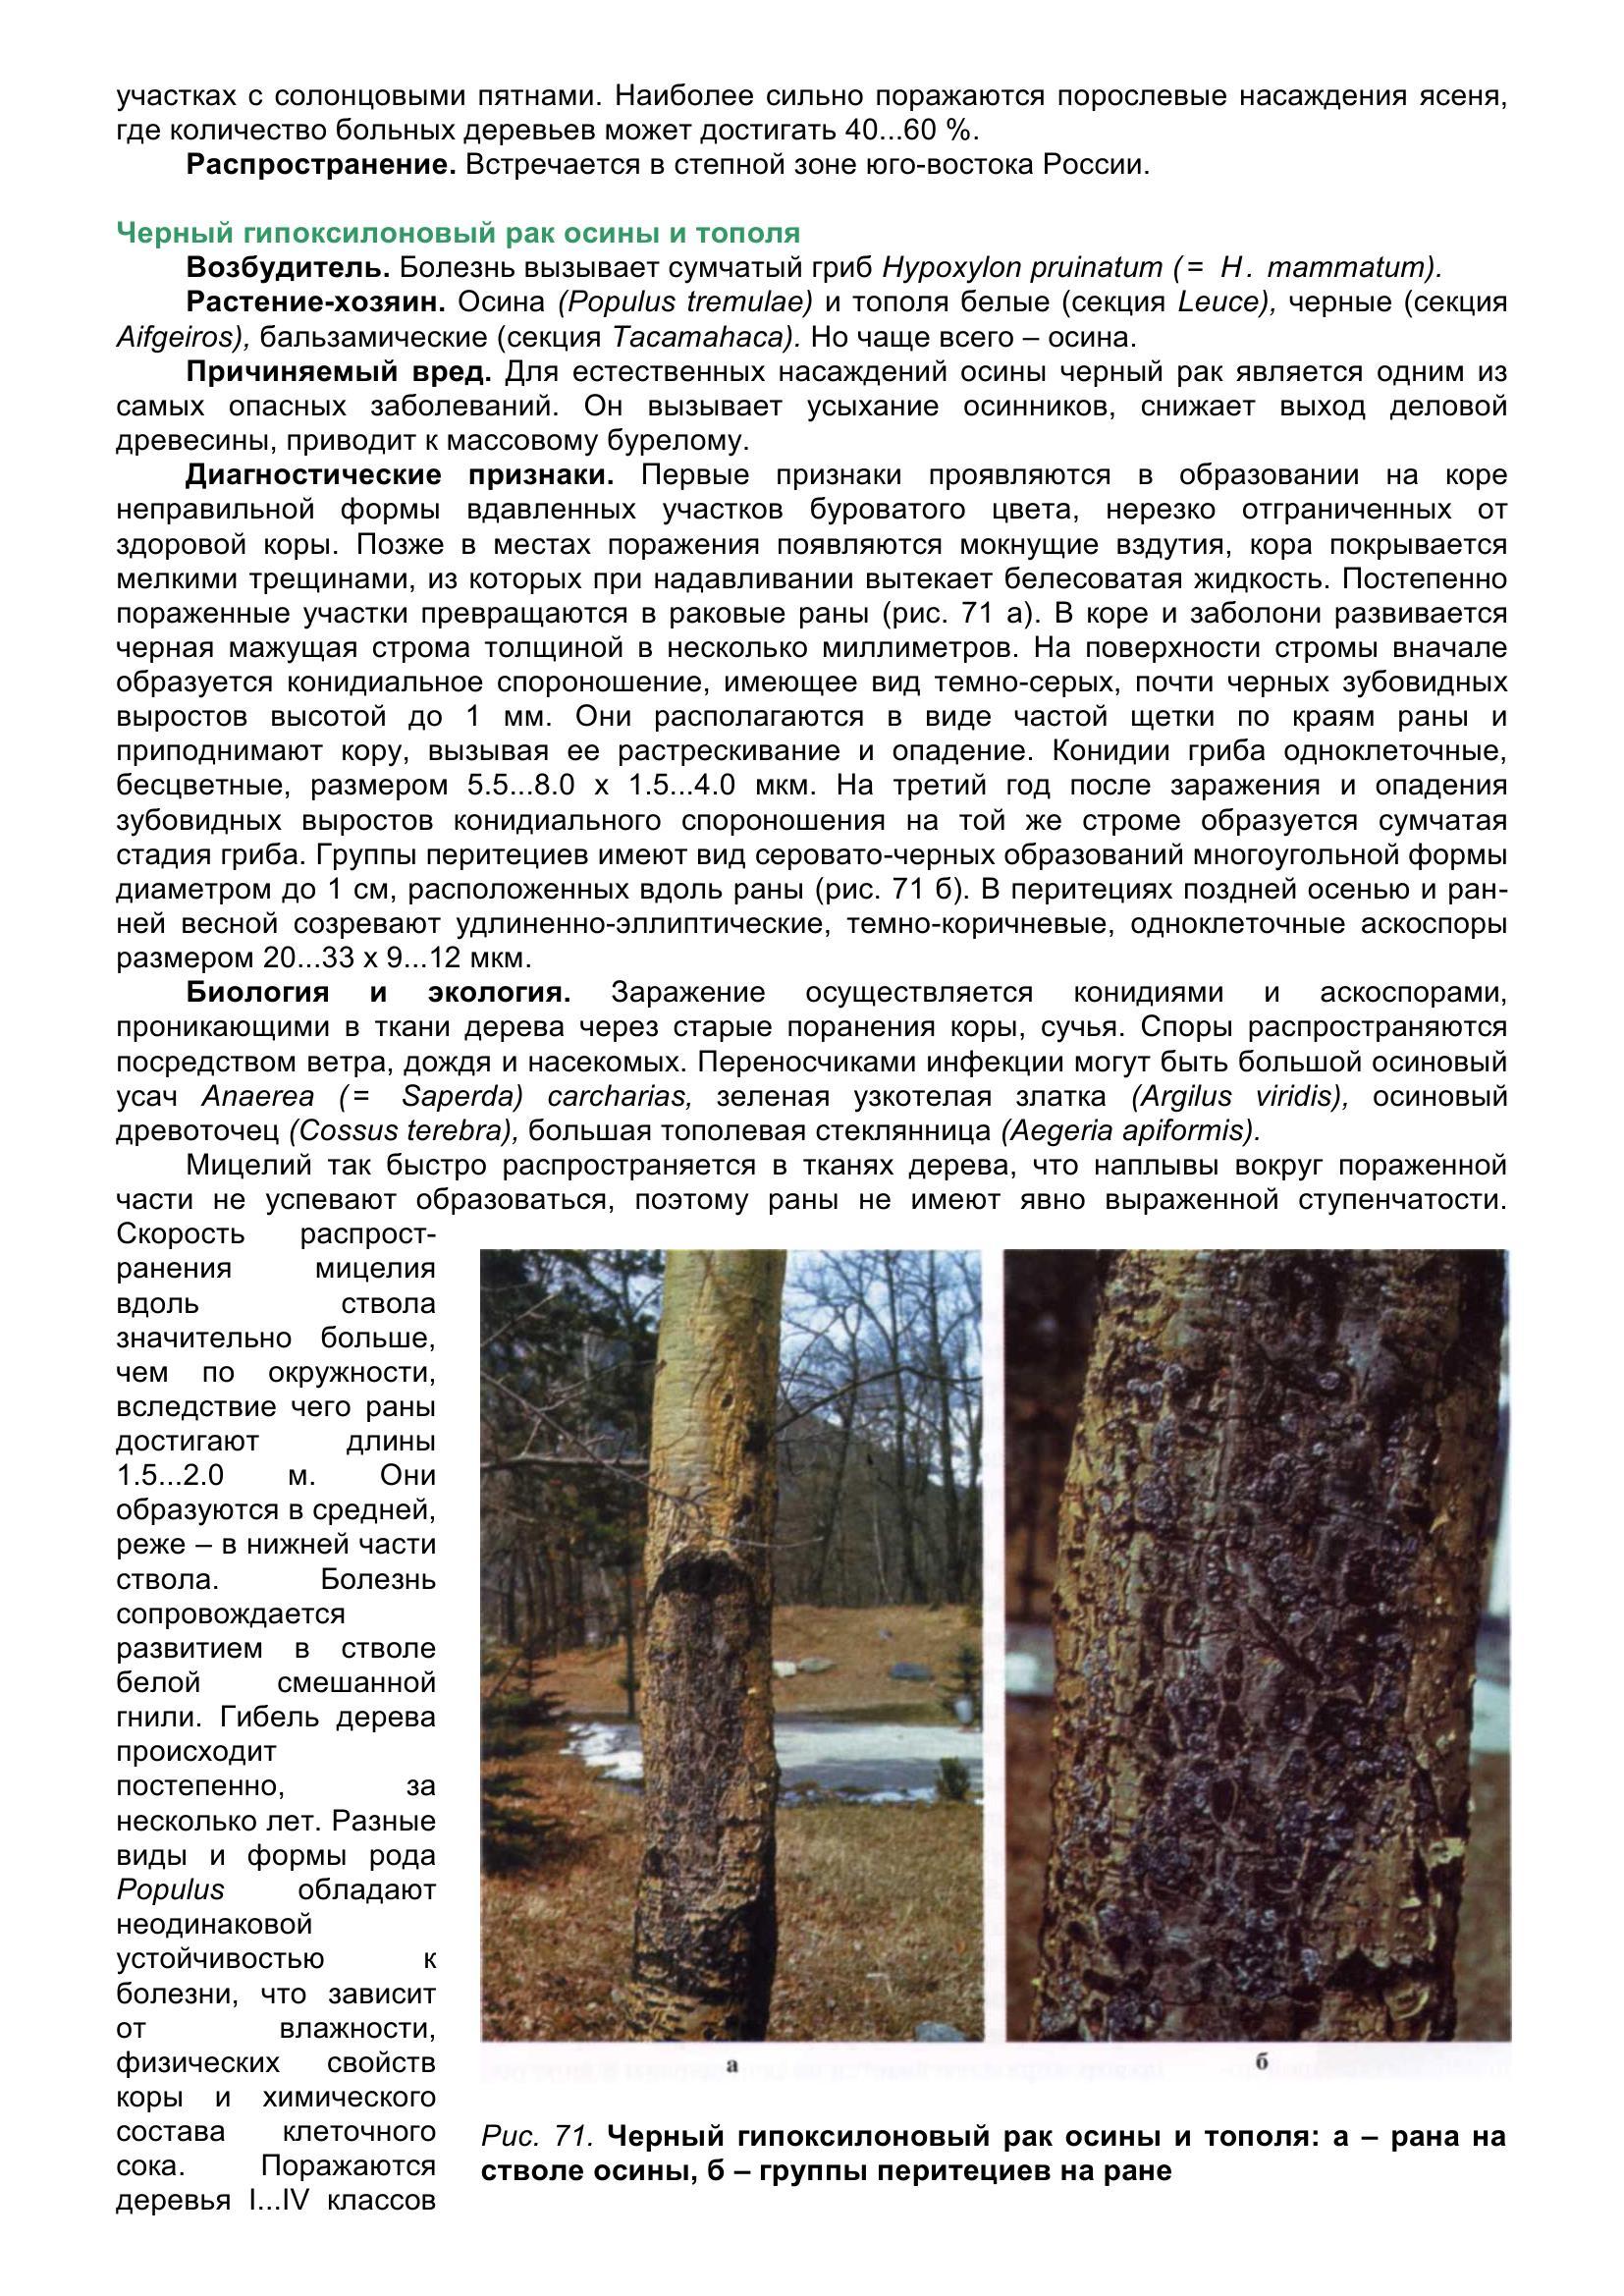 Болезни_древесных_растений_081.jpg